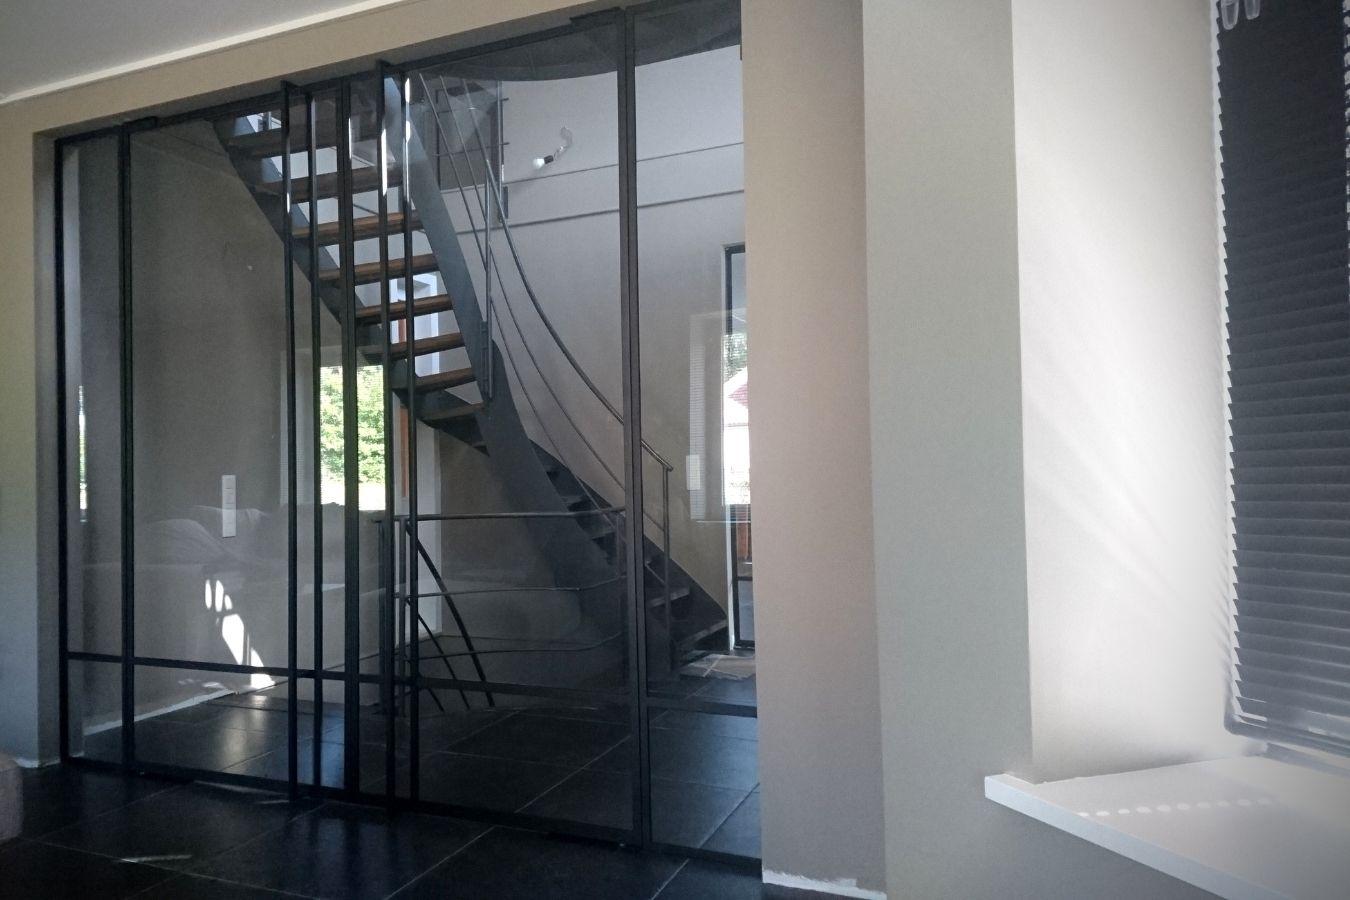 Stalen binnenpui - Stalen binnendeur - Stalen taatsdeur gerealiseerd door StalenDeurenHuys - Specialist in stalen deuren/pivot deuren